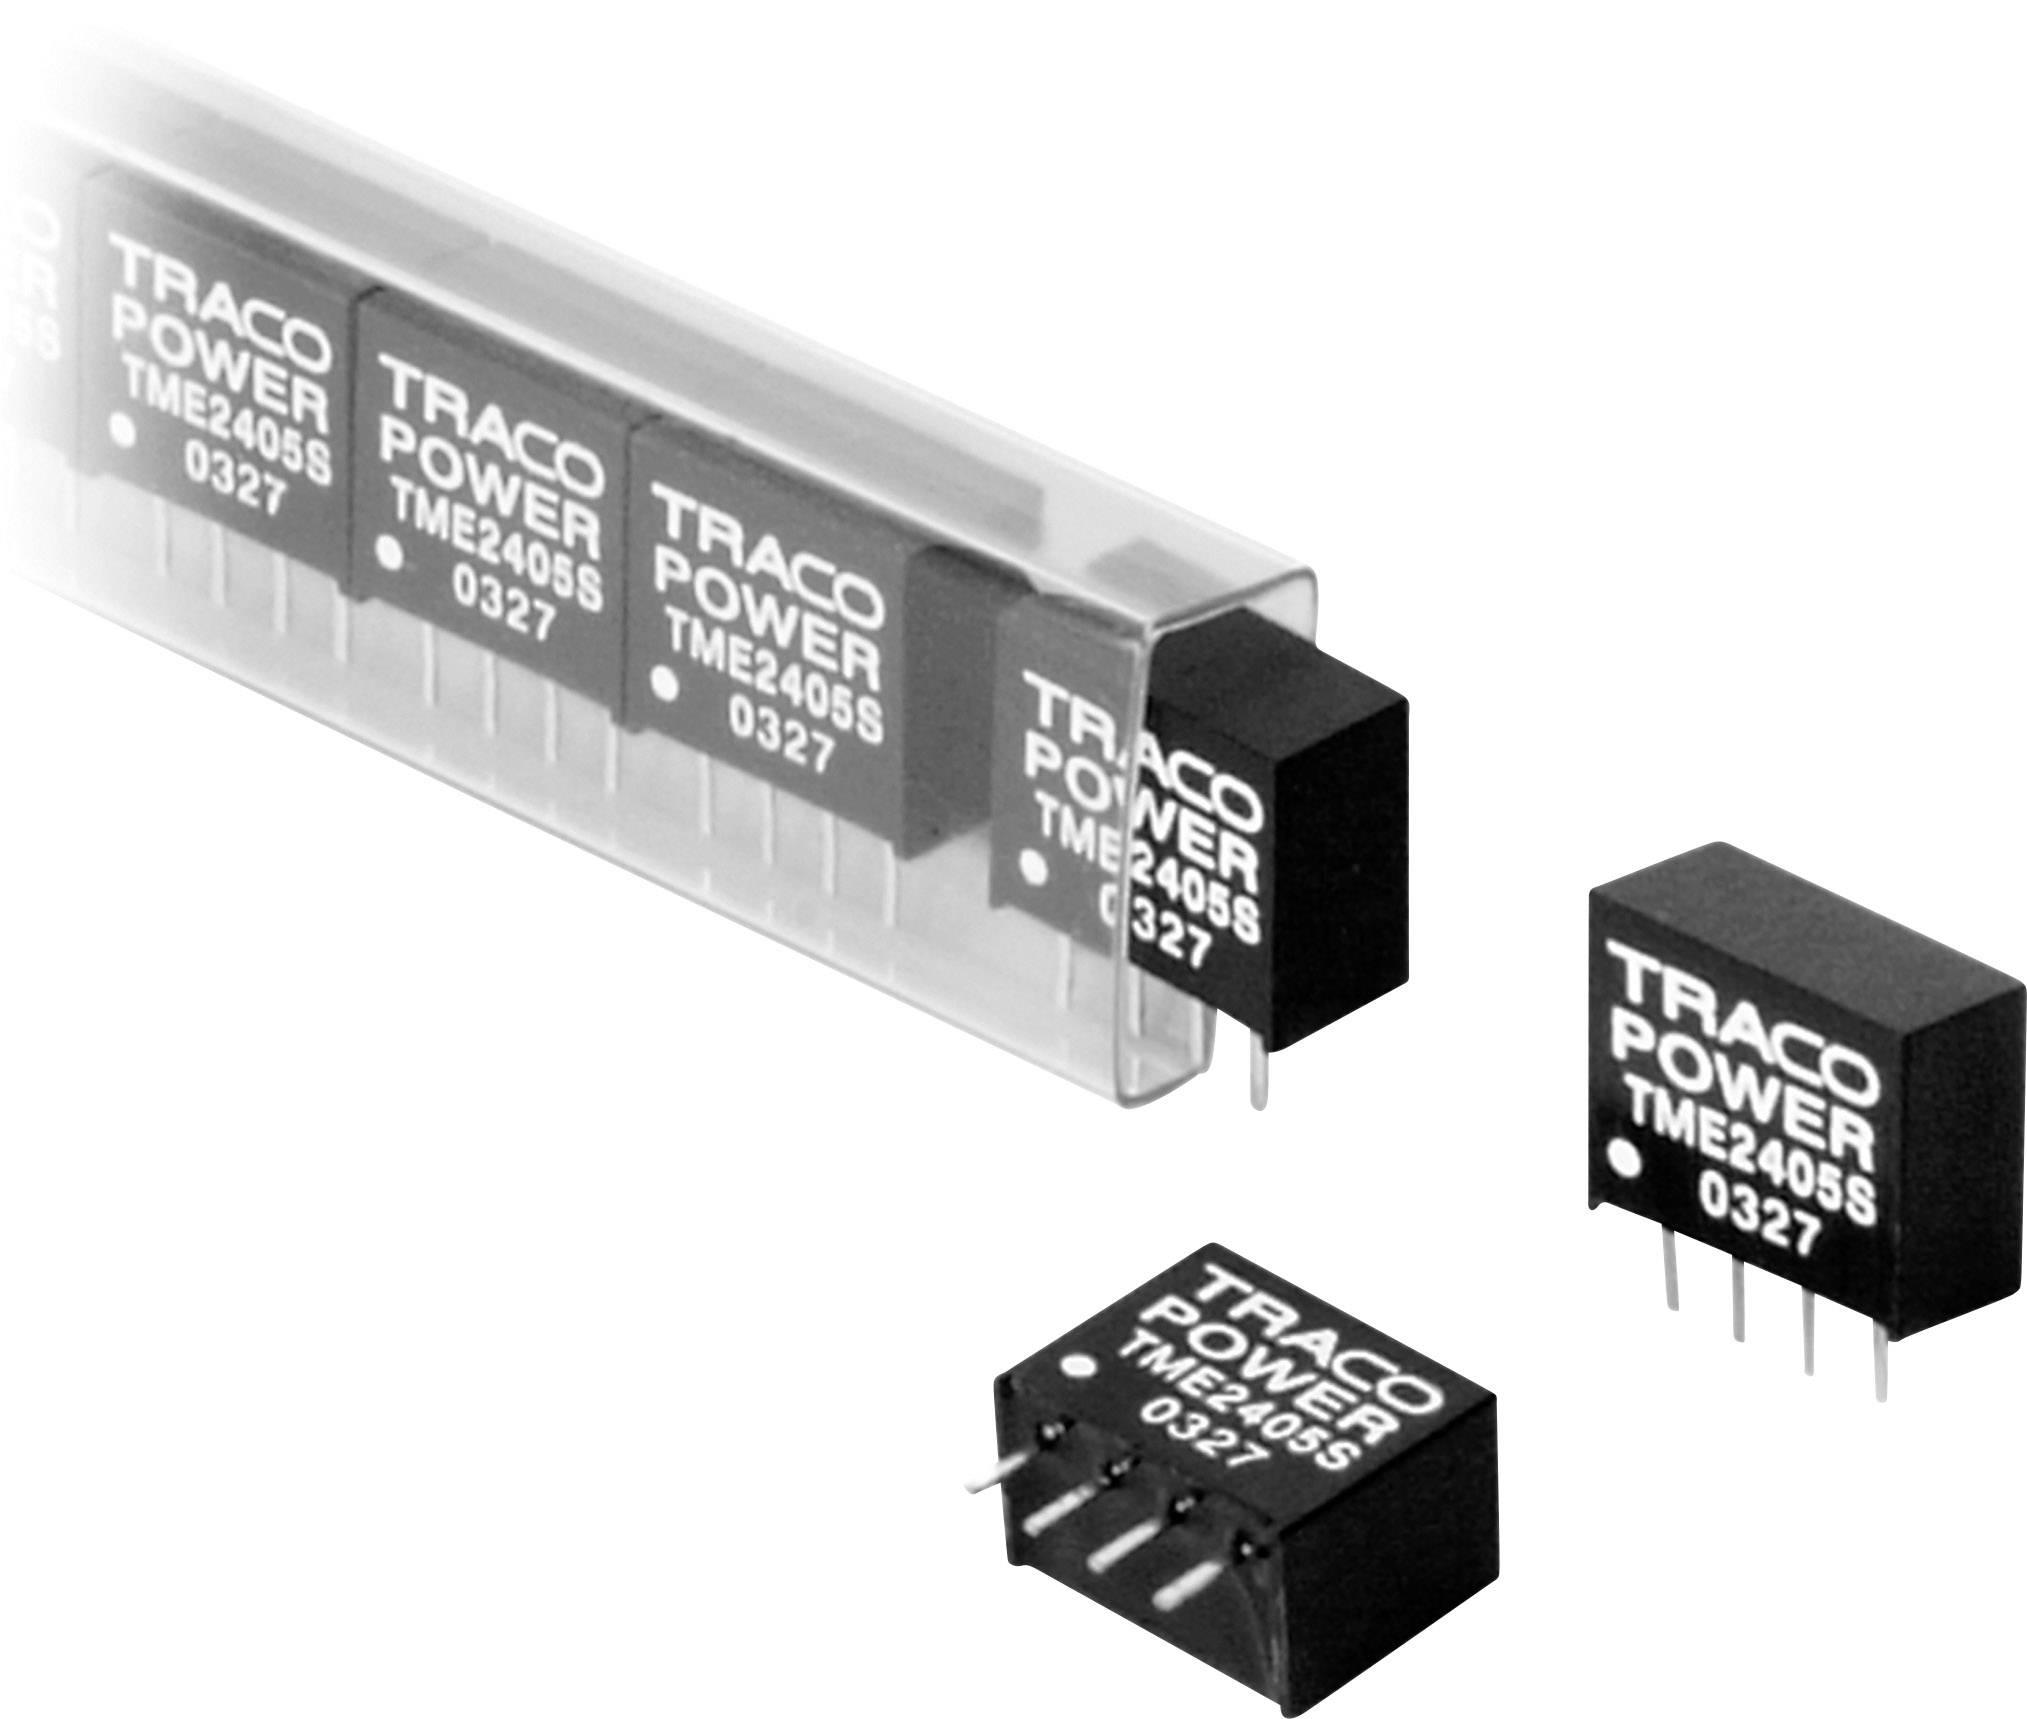 DC/DC měnič TracoPower TME 0509S, vstup (±10 %) 5 V/DC, výstup 9 V/DC, 110 mA, 1 W